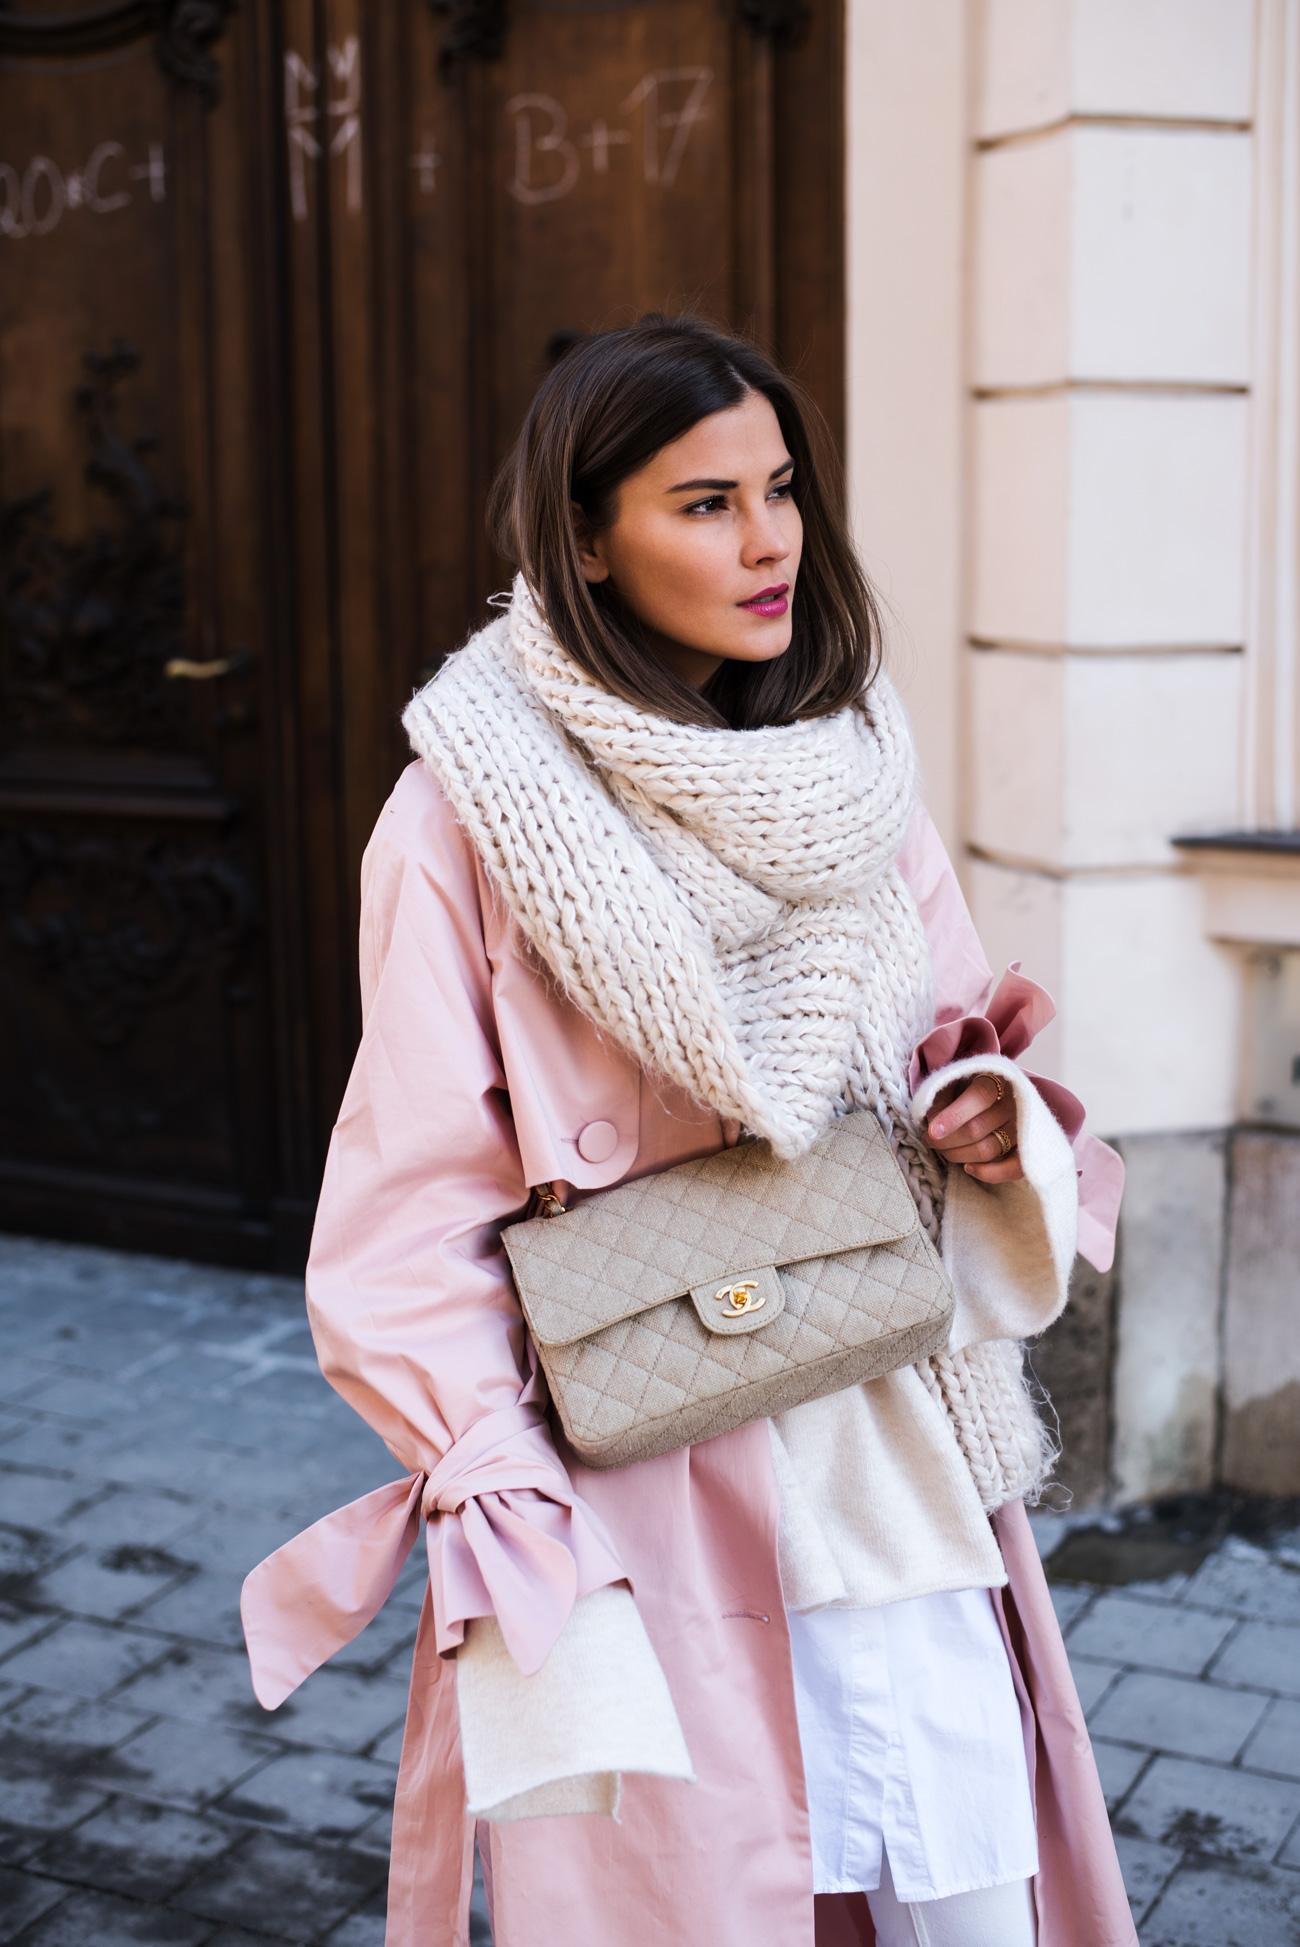 modeblog-aus-münchen-nina-chanel-timeless-tasche-aus-stoff-fashiioncarpet